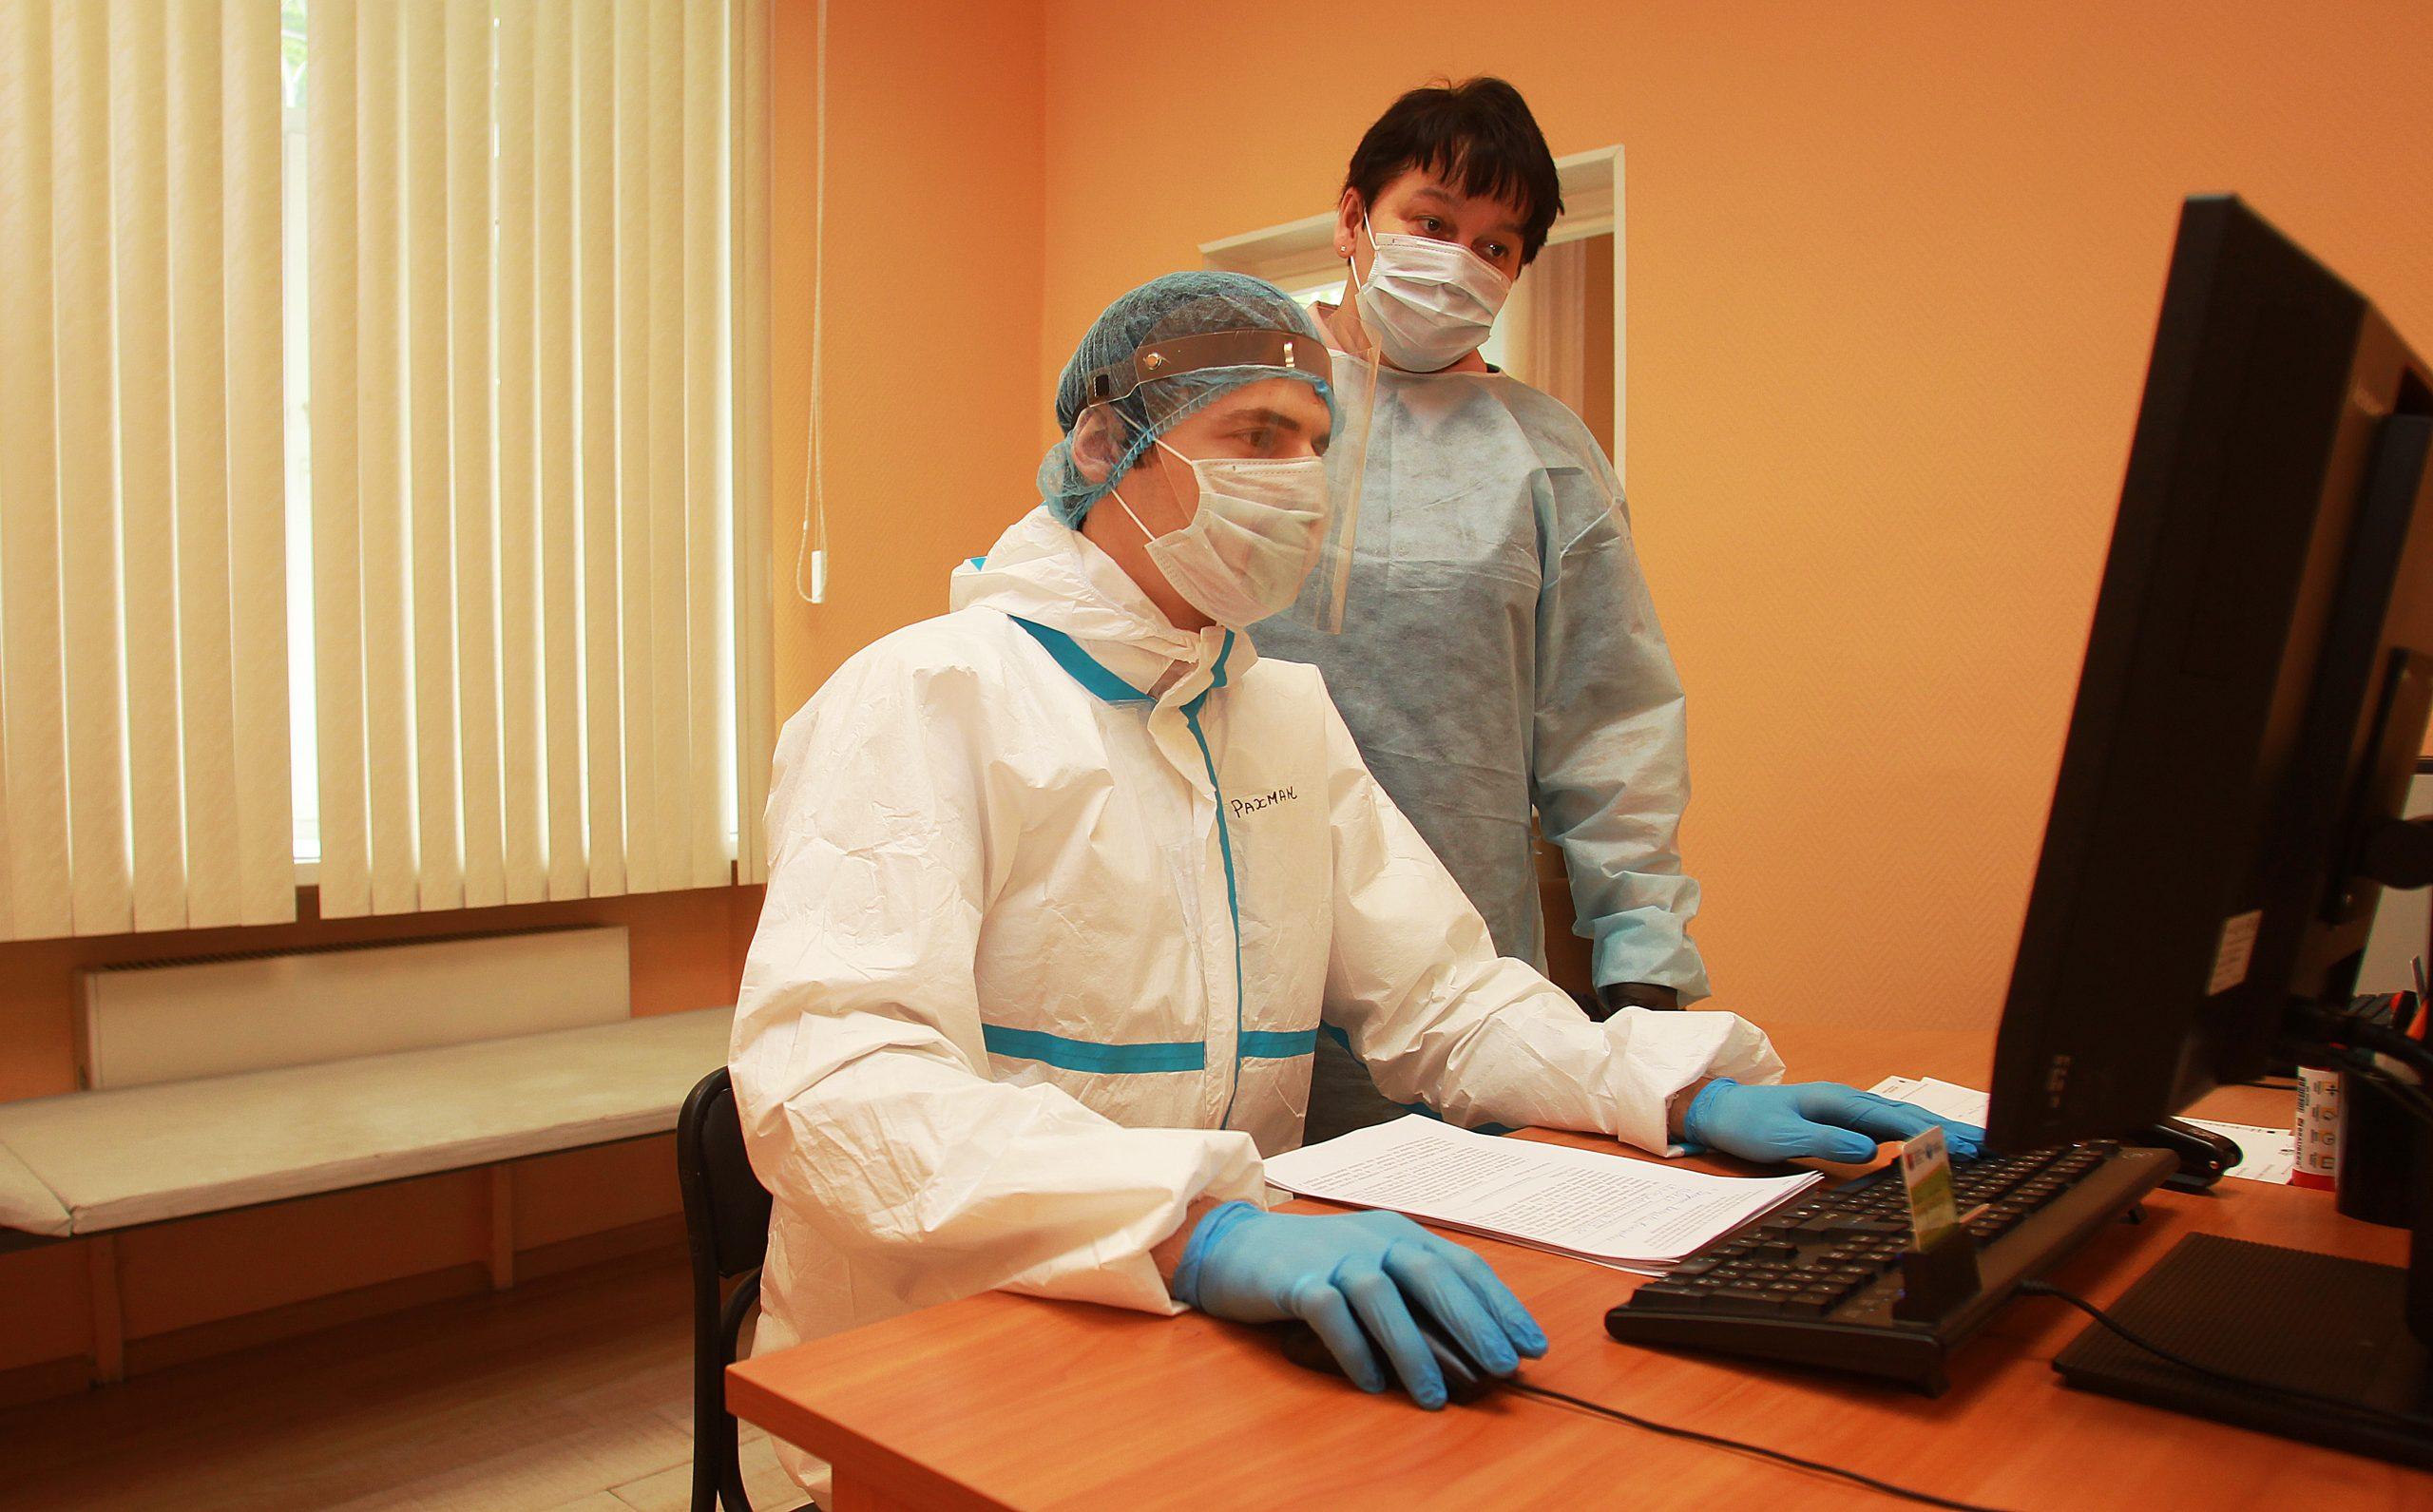 Москва начинает переход на электронные медкарты без дублирования на бумаге. Фото: Наталия Нечаева «Вечерняя Москва»